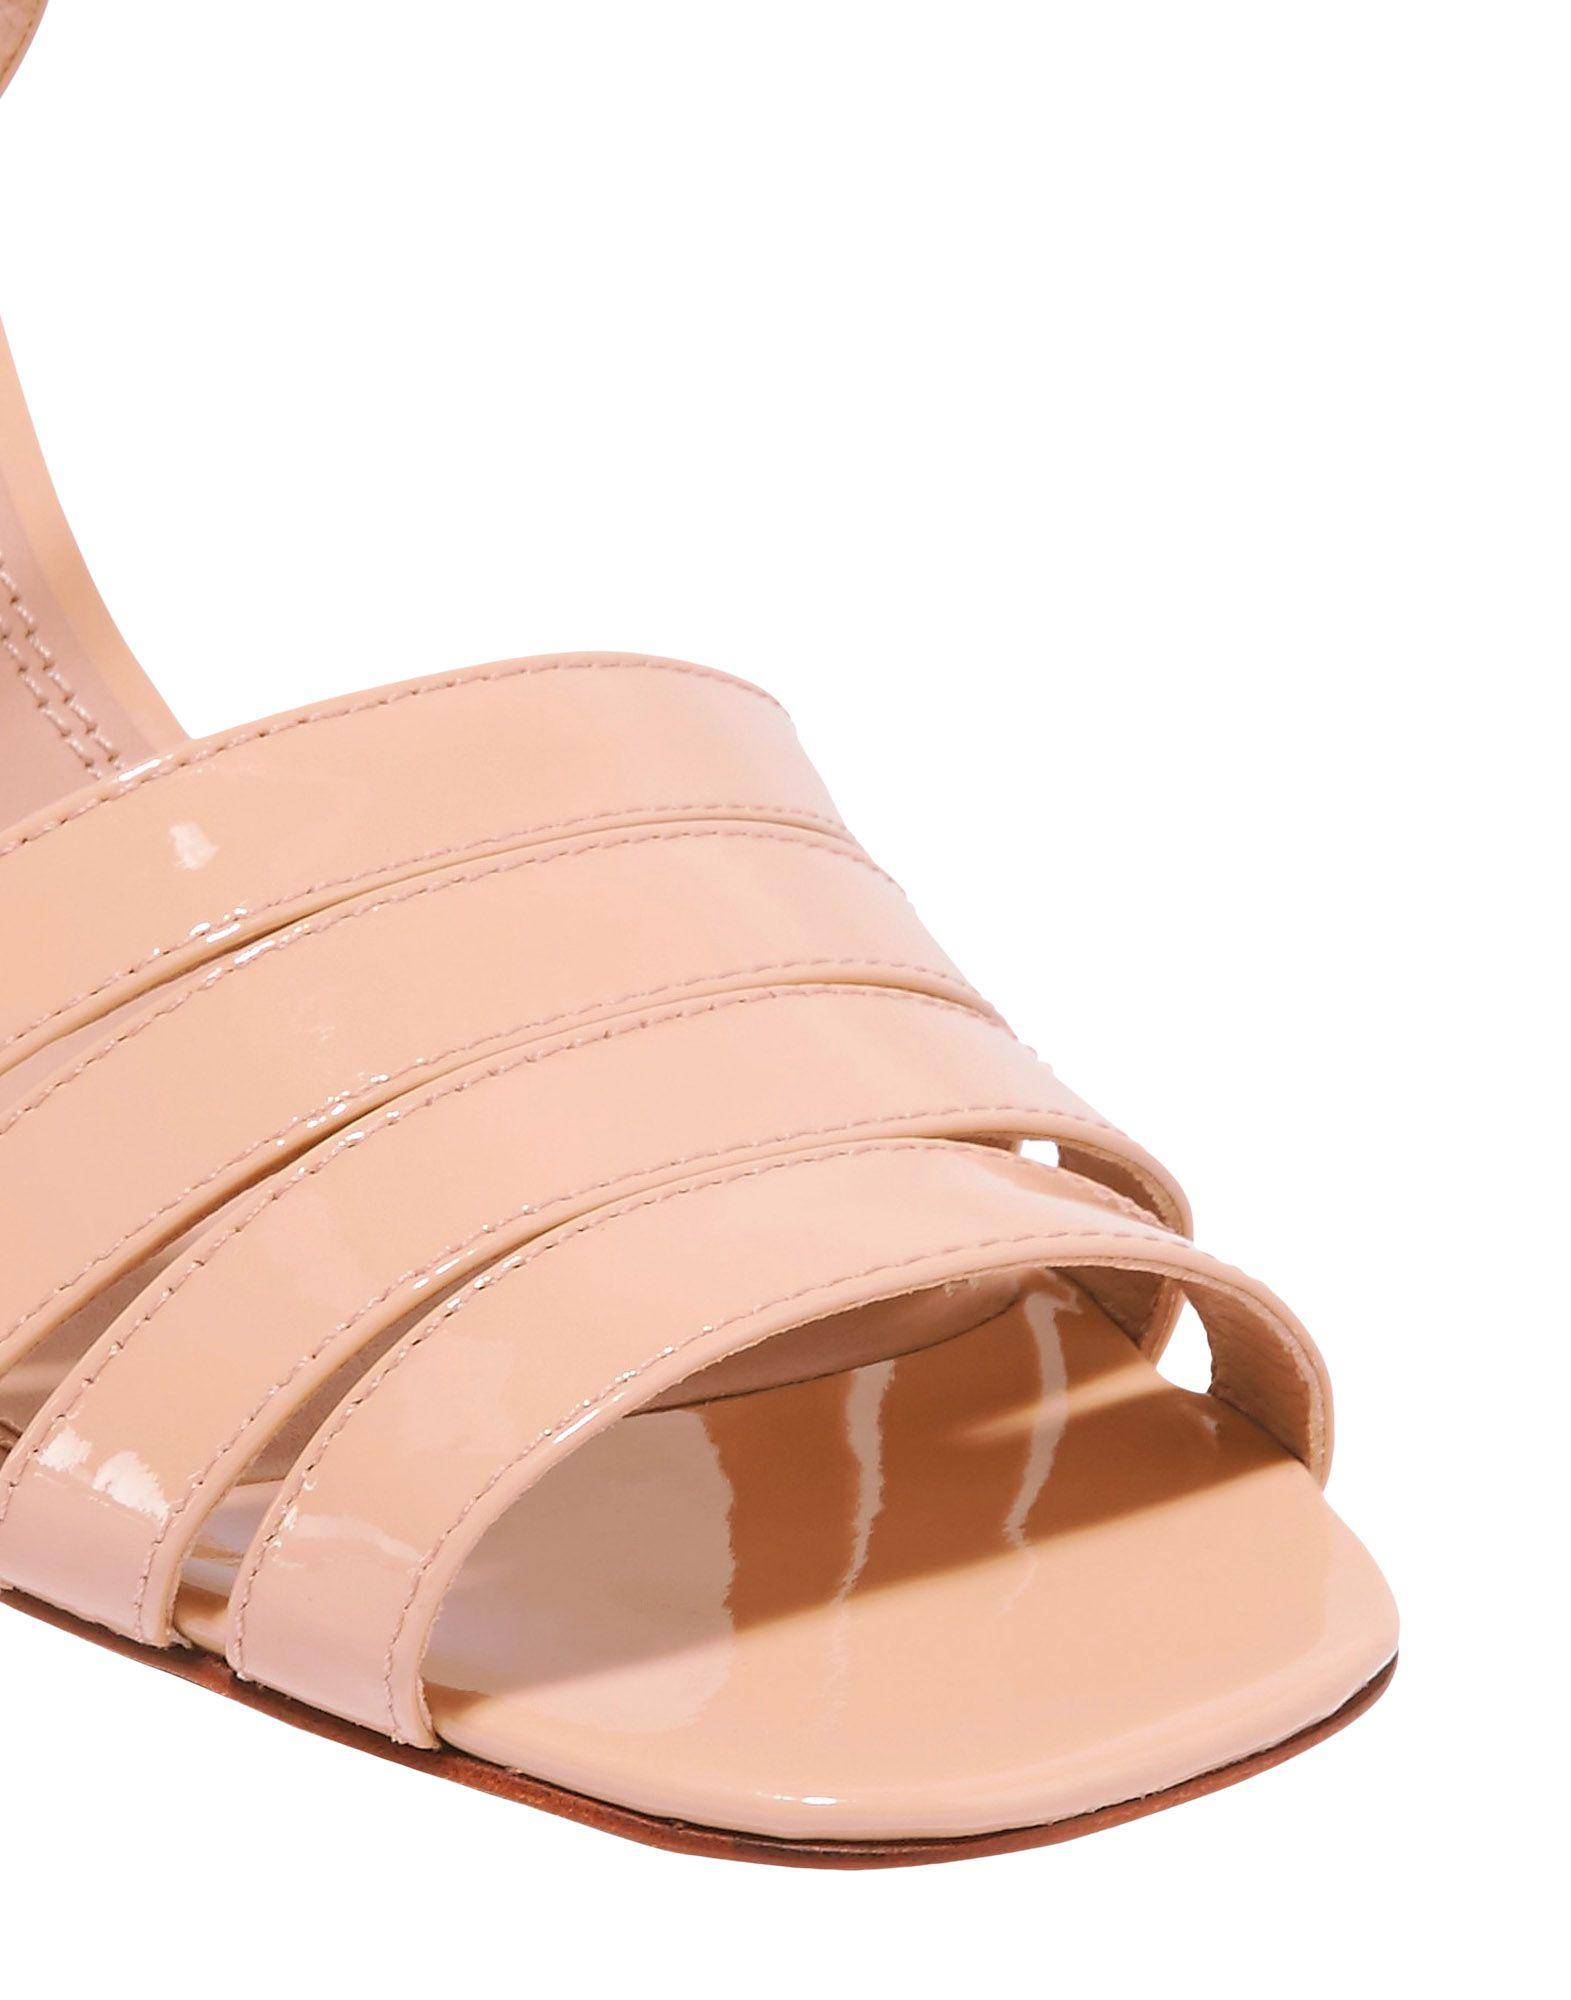 Stilvolle billige Schuhe Tory 11528131LP Burch Sandalen Damen  11528131LP Tory 4bfdd6